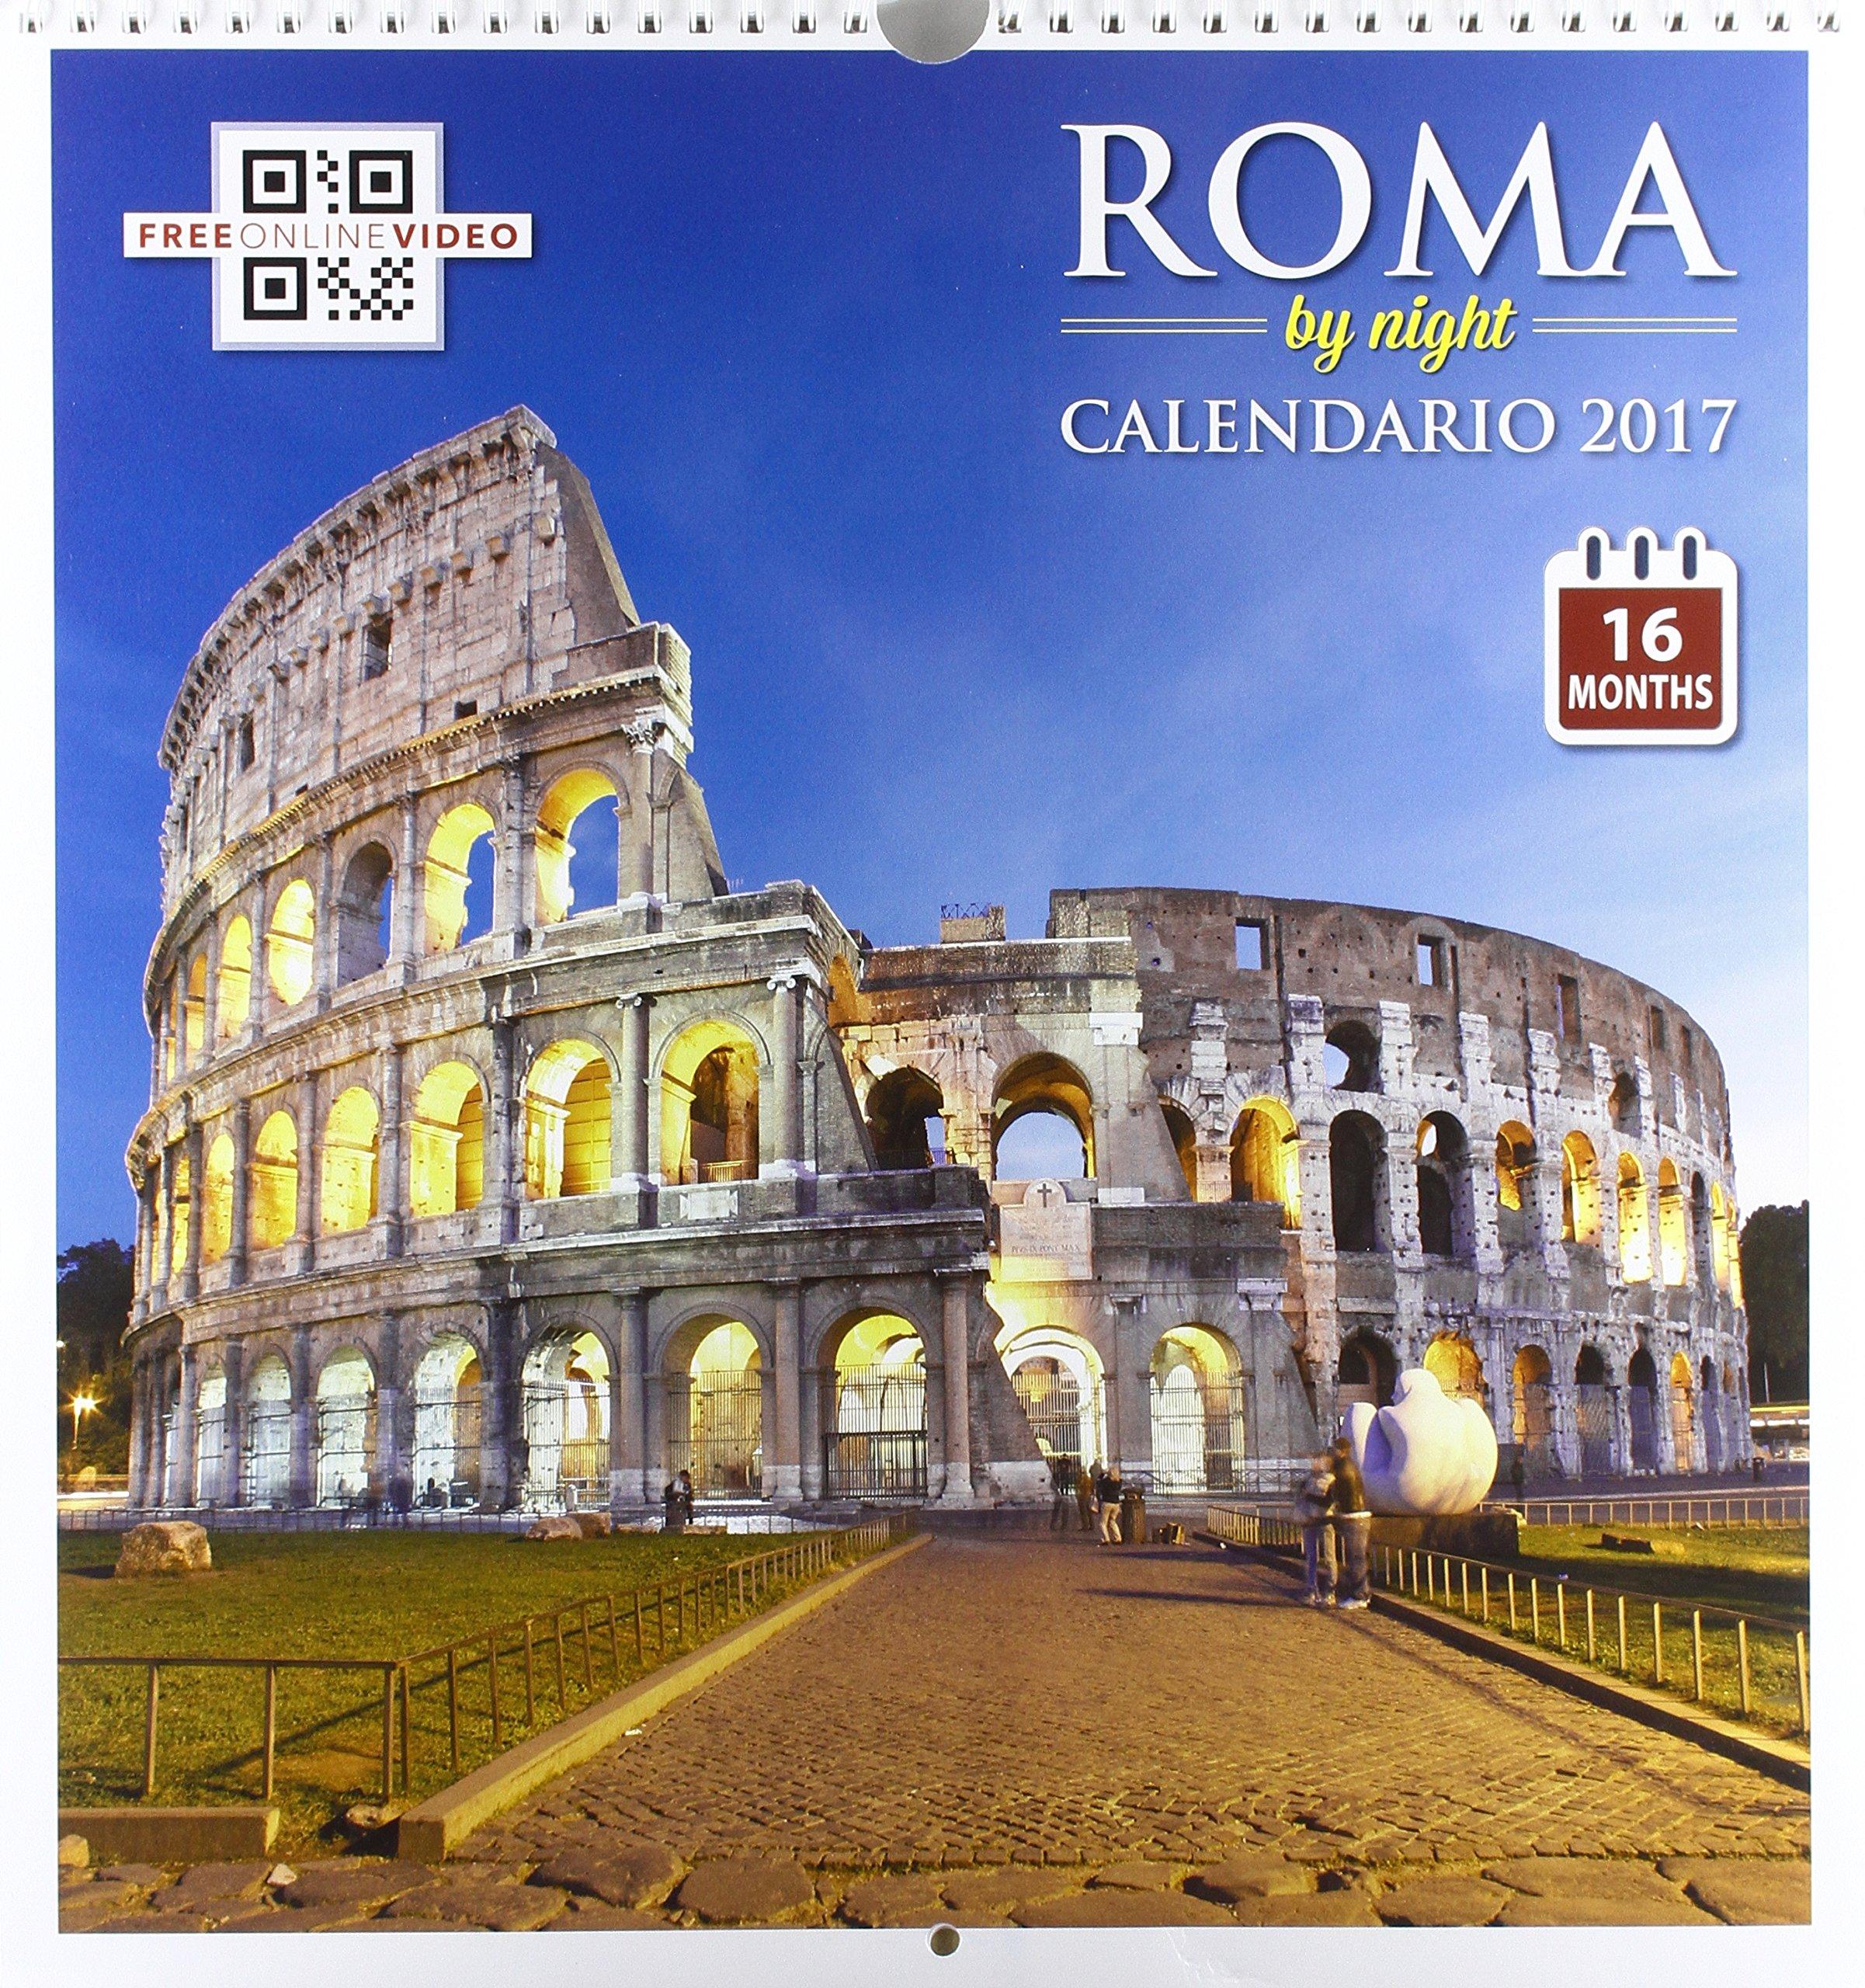 Calendario Grande.Colosseo Notte Calendario Grande 16 Mesi 2016 Aa Vv